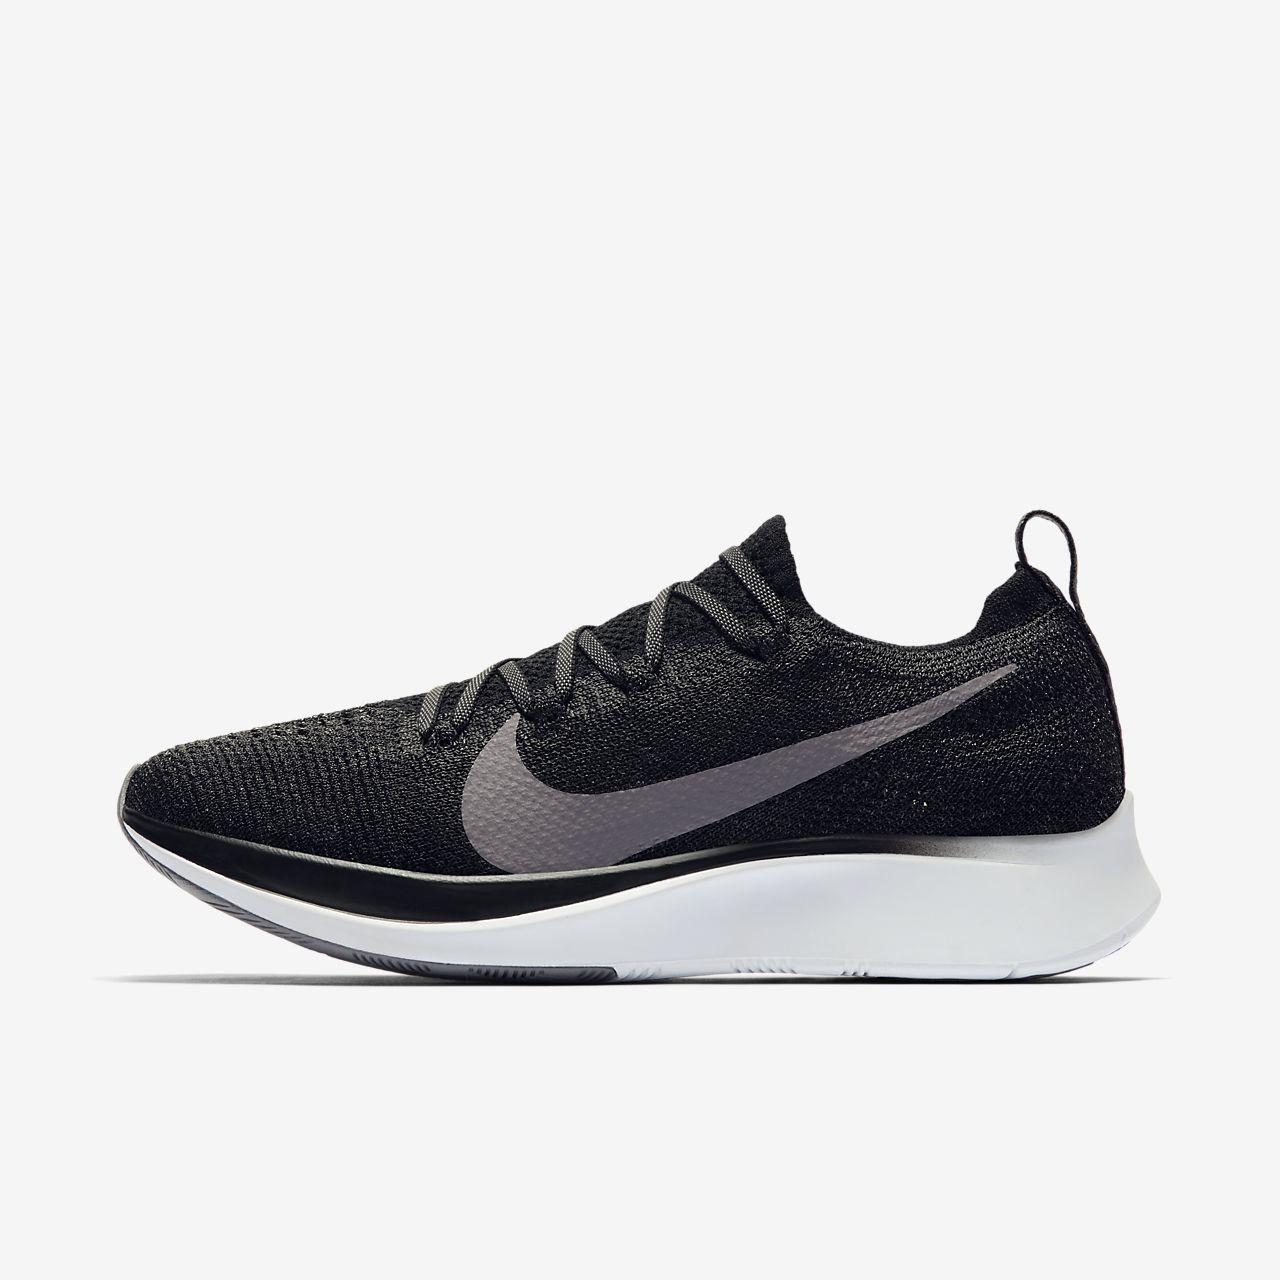 Scarpa da running Nike Zoom Fly Flyknit - Donna